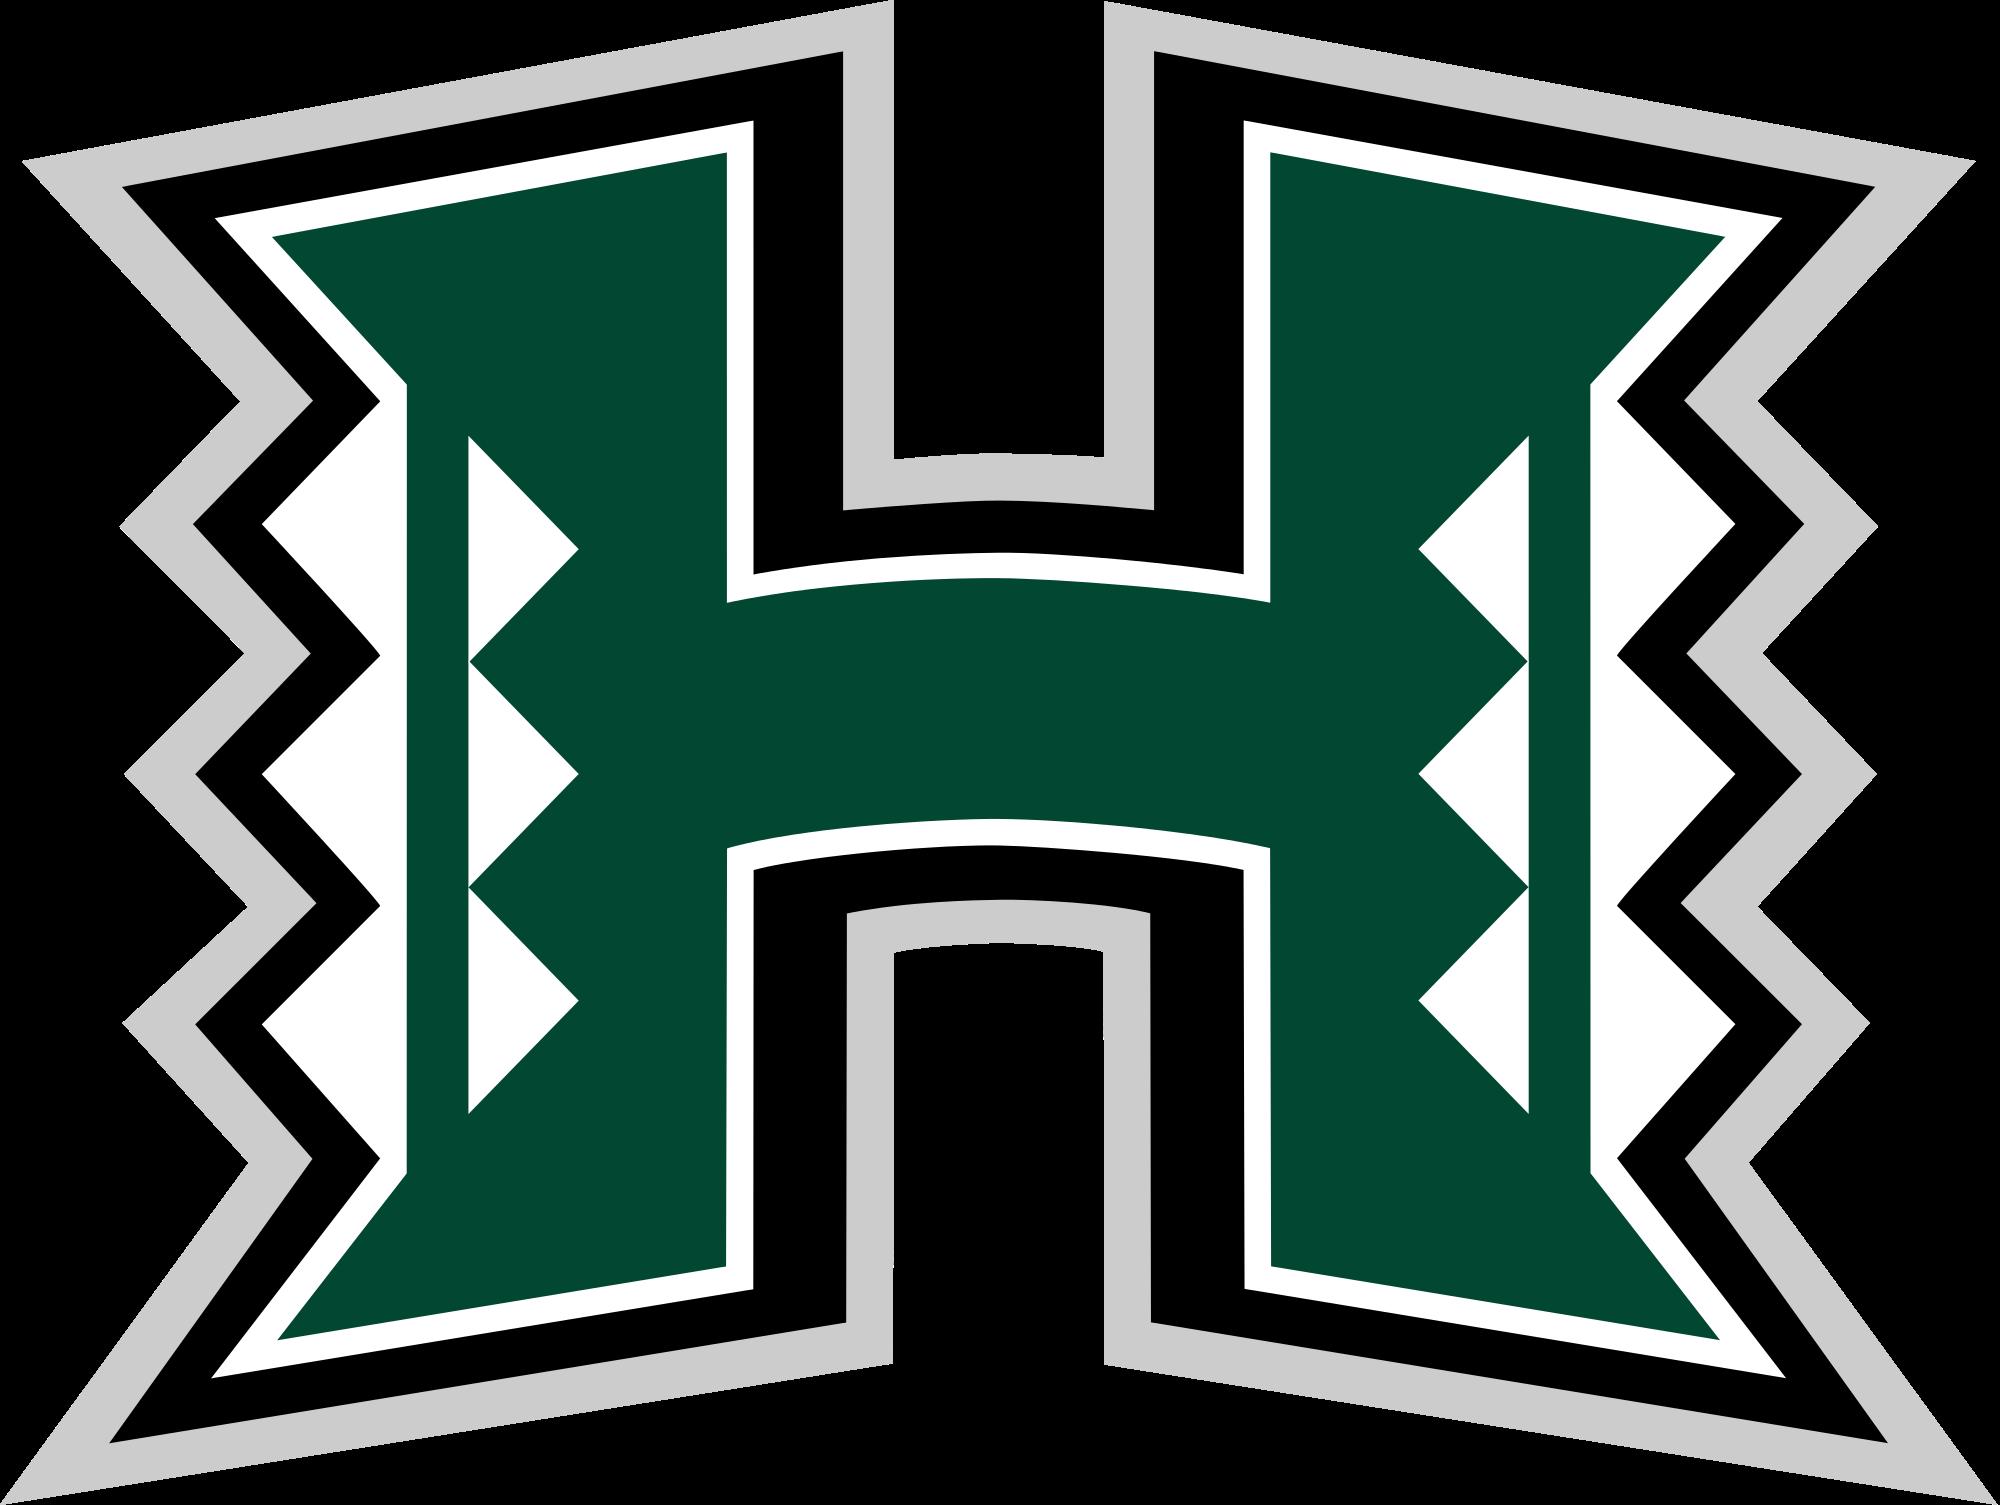 Hawaii polynesian